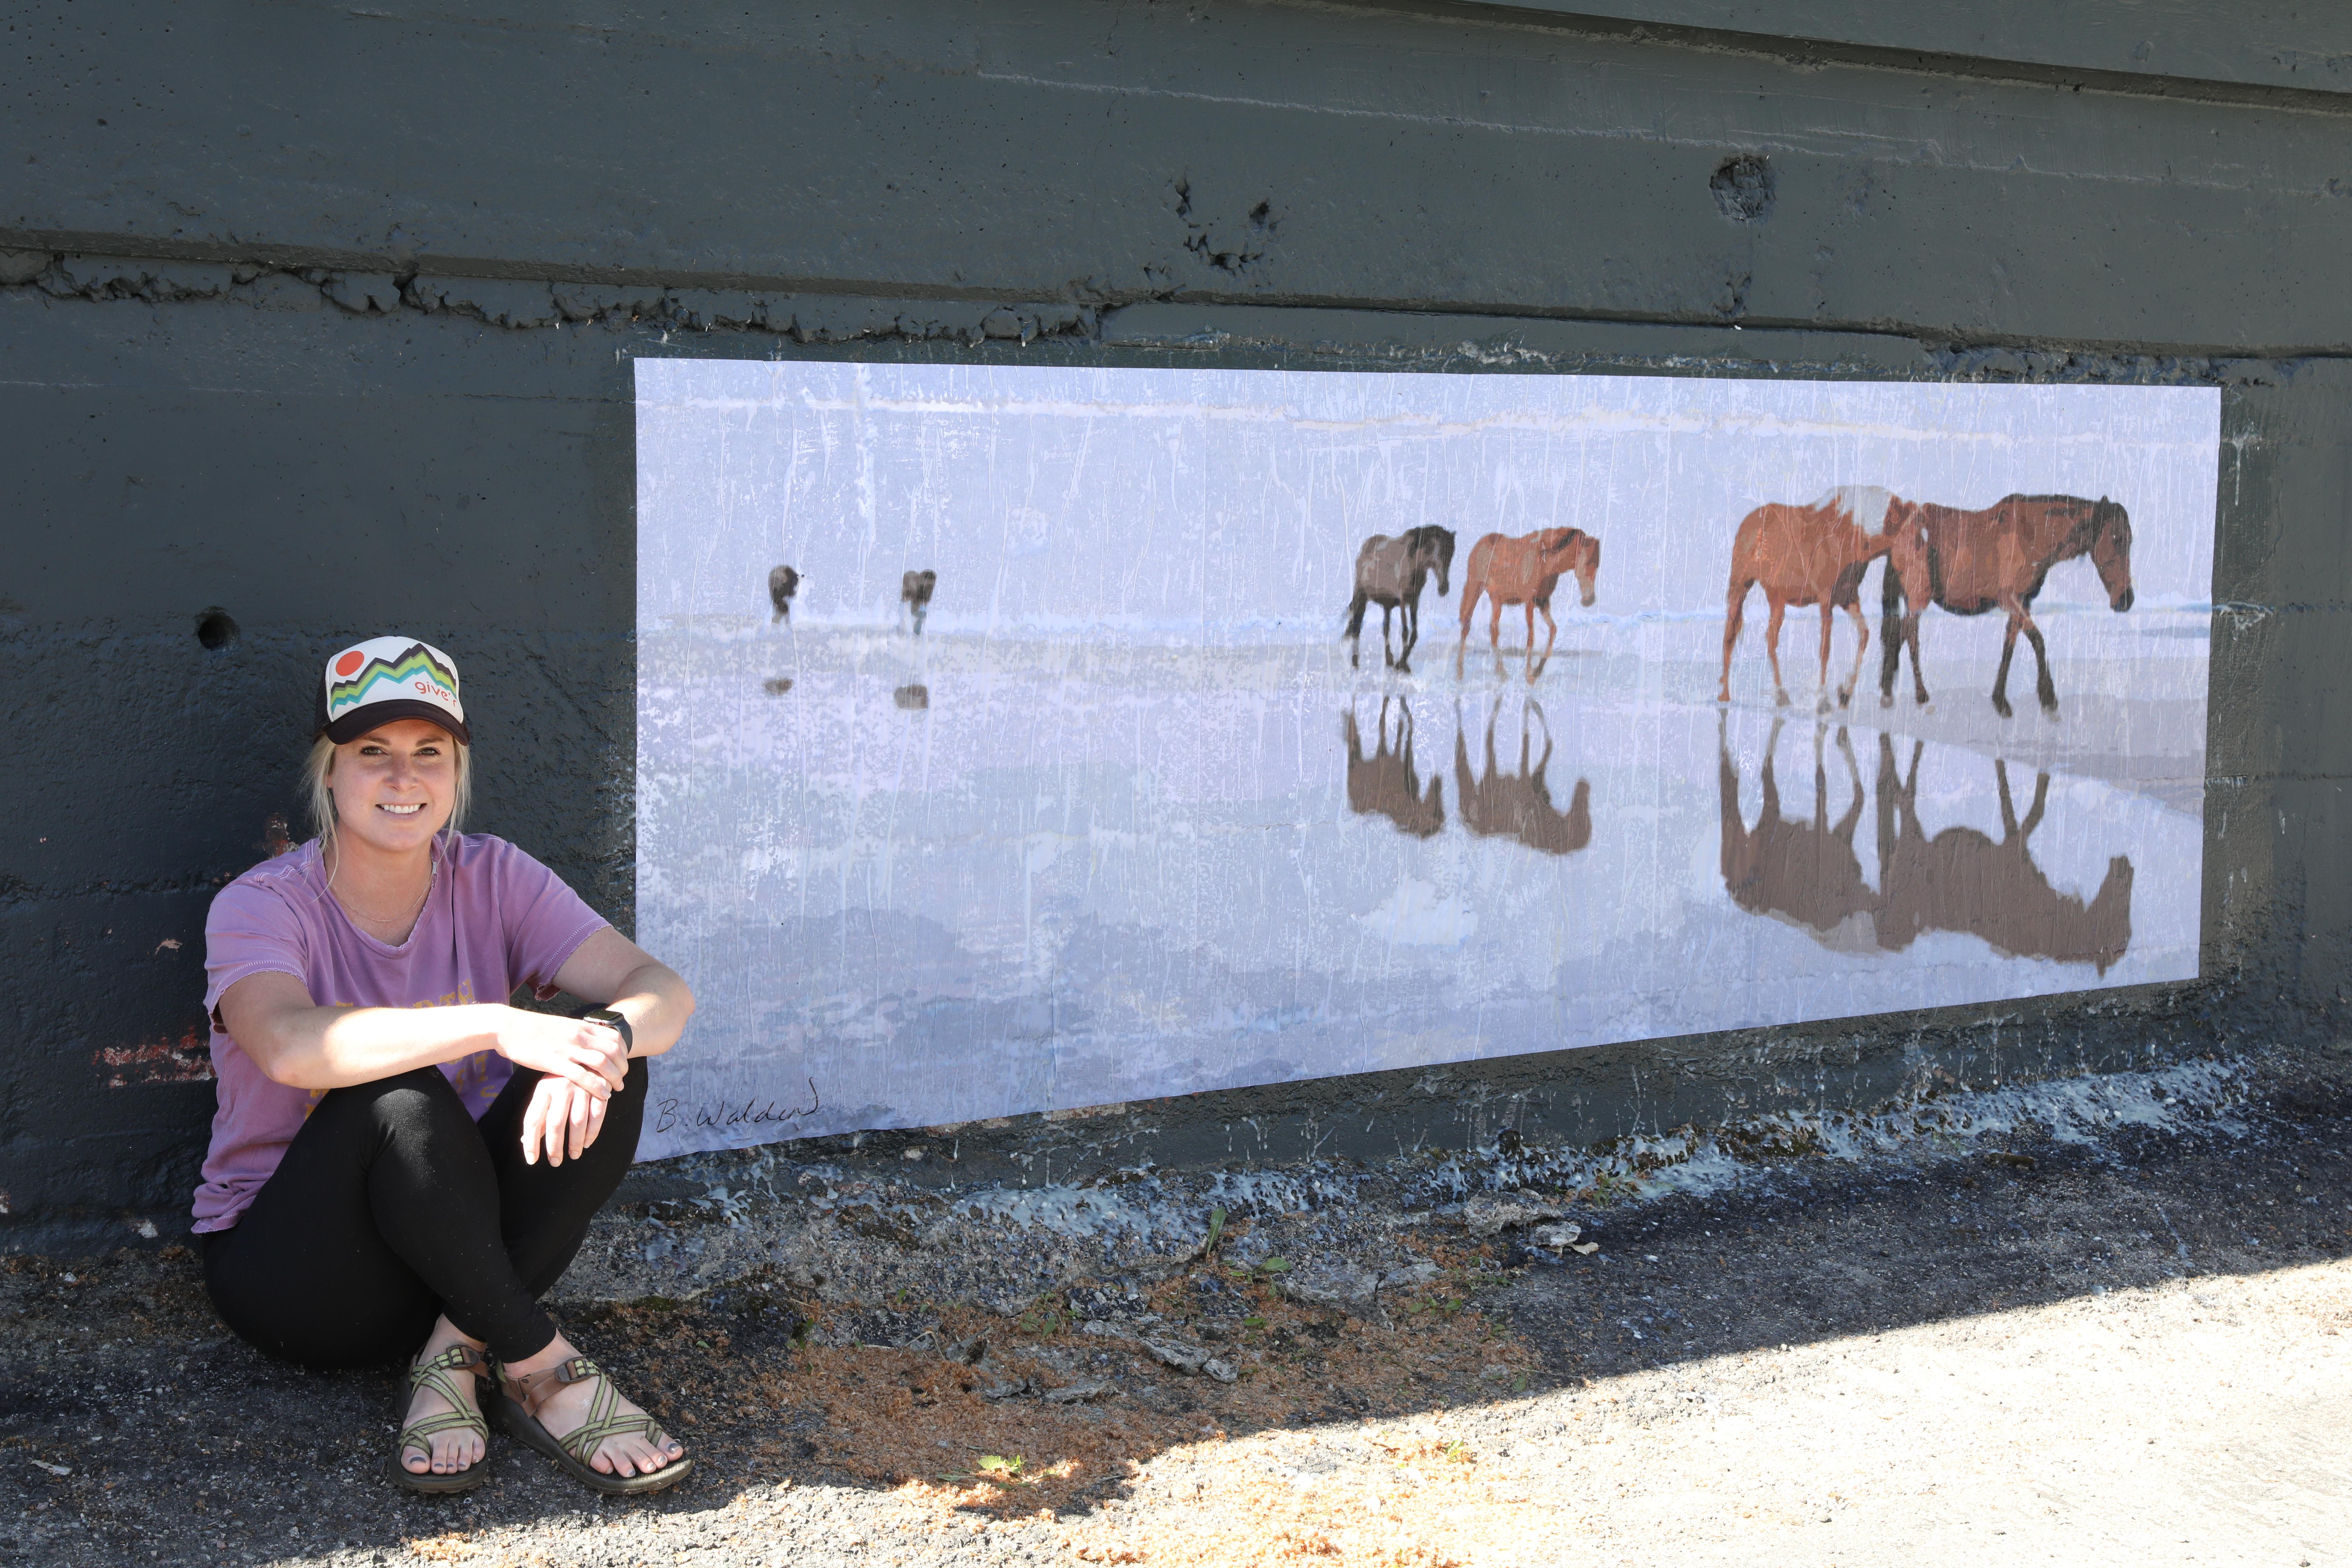 Wild Walls Mural